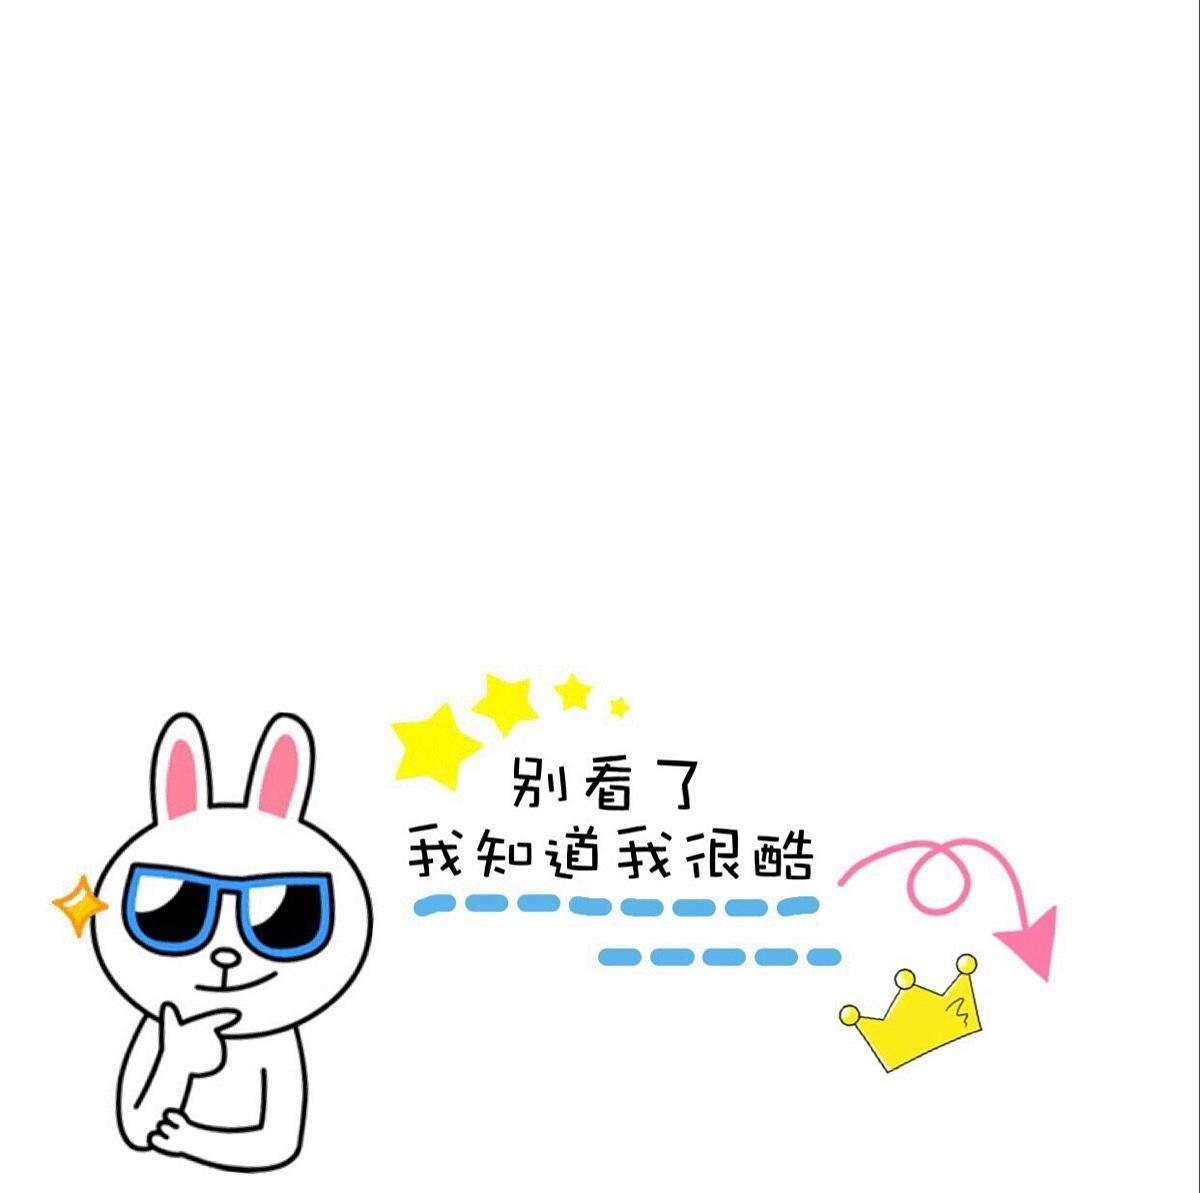 微信朋友圈封面图片精选大全